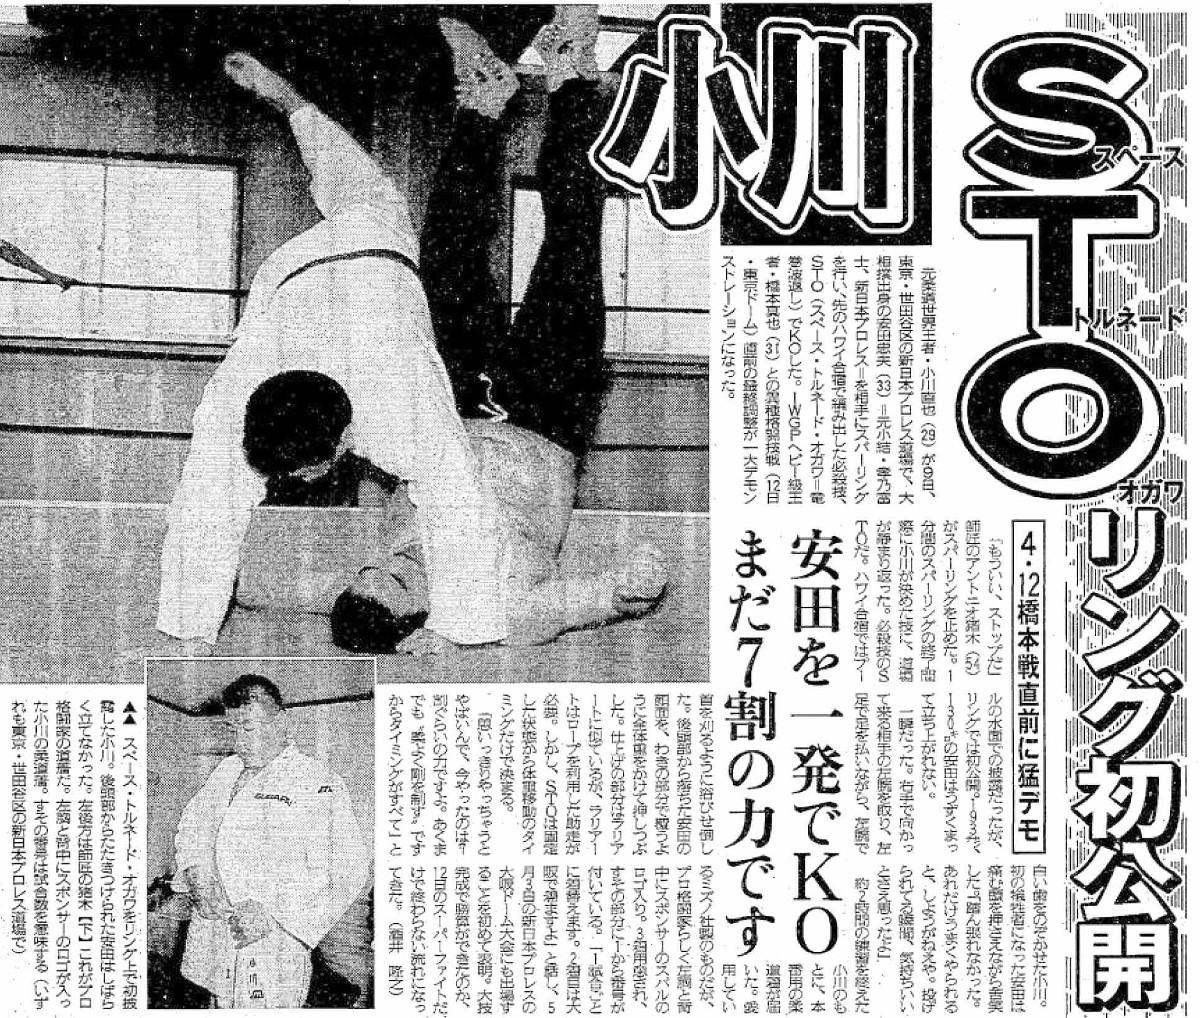 1997年4月10日付スポーツ報知